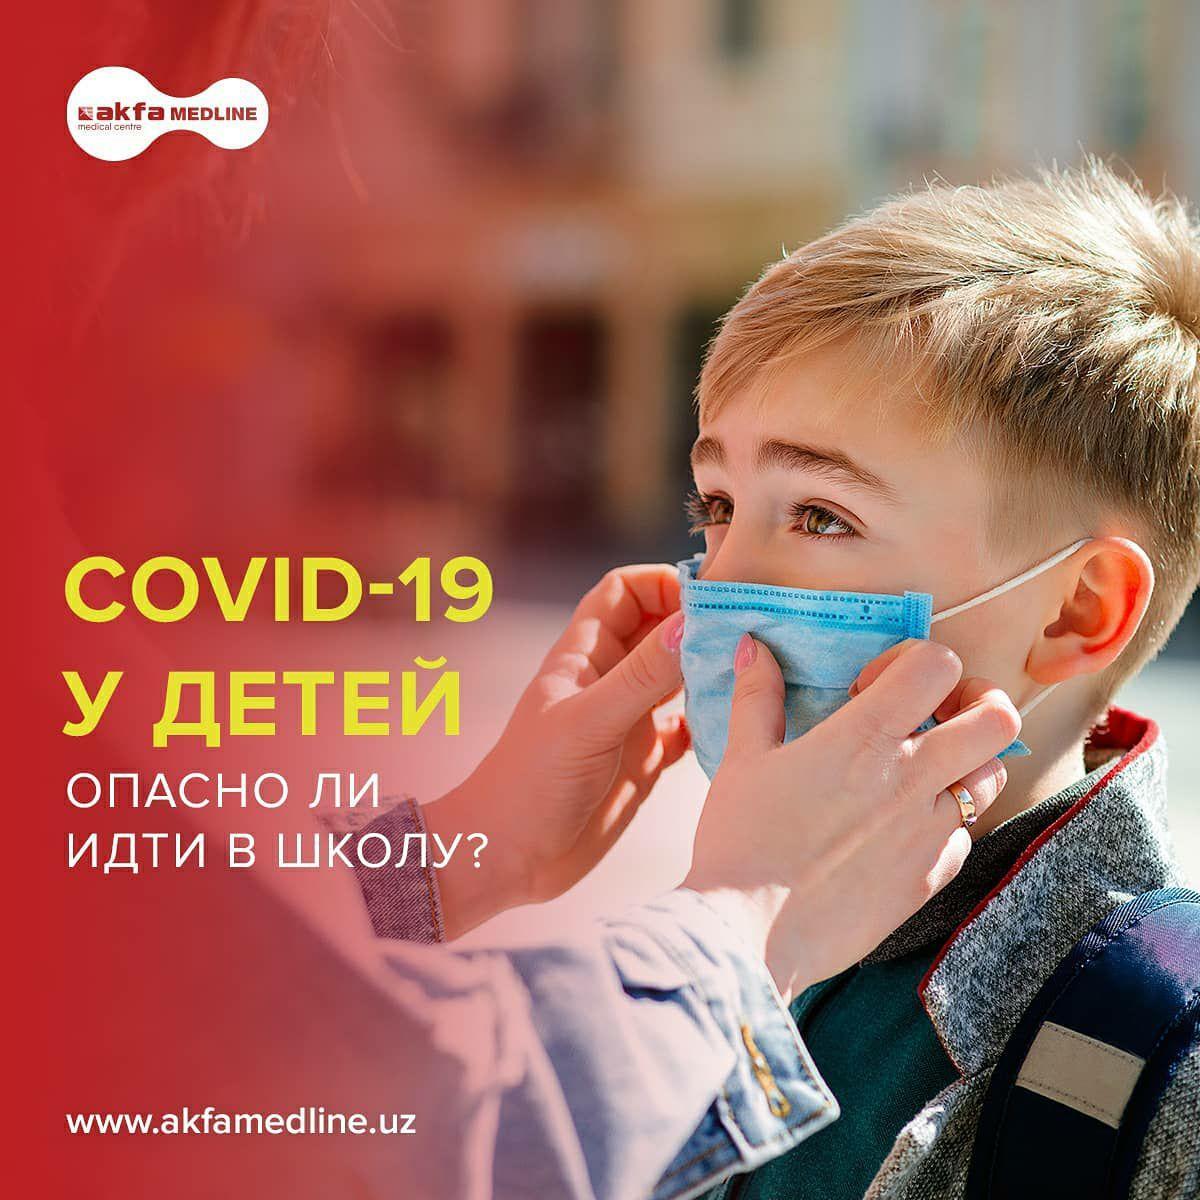 ⛔️Har bir ota-ona COVID-19 bolasi uchun qanchalik xavfli ekanligini bilish juda muhimdir.